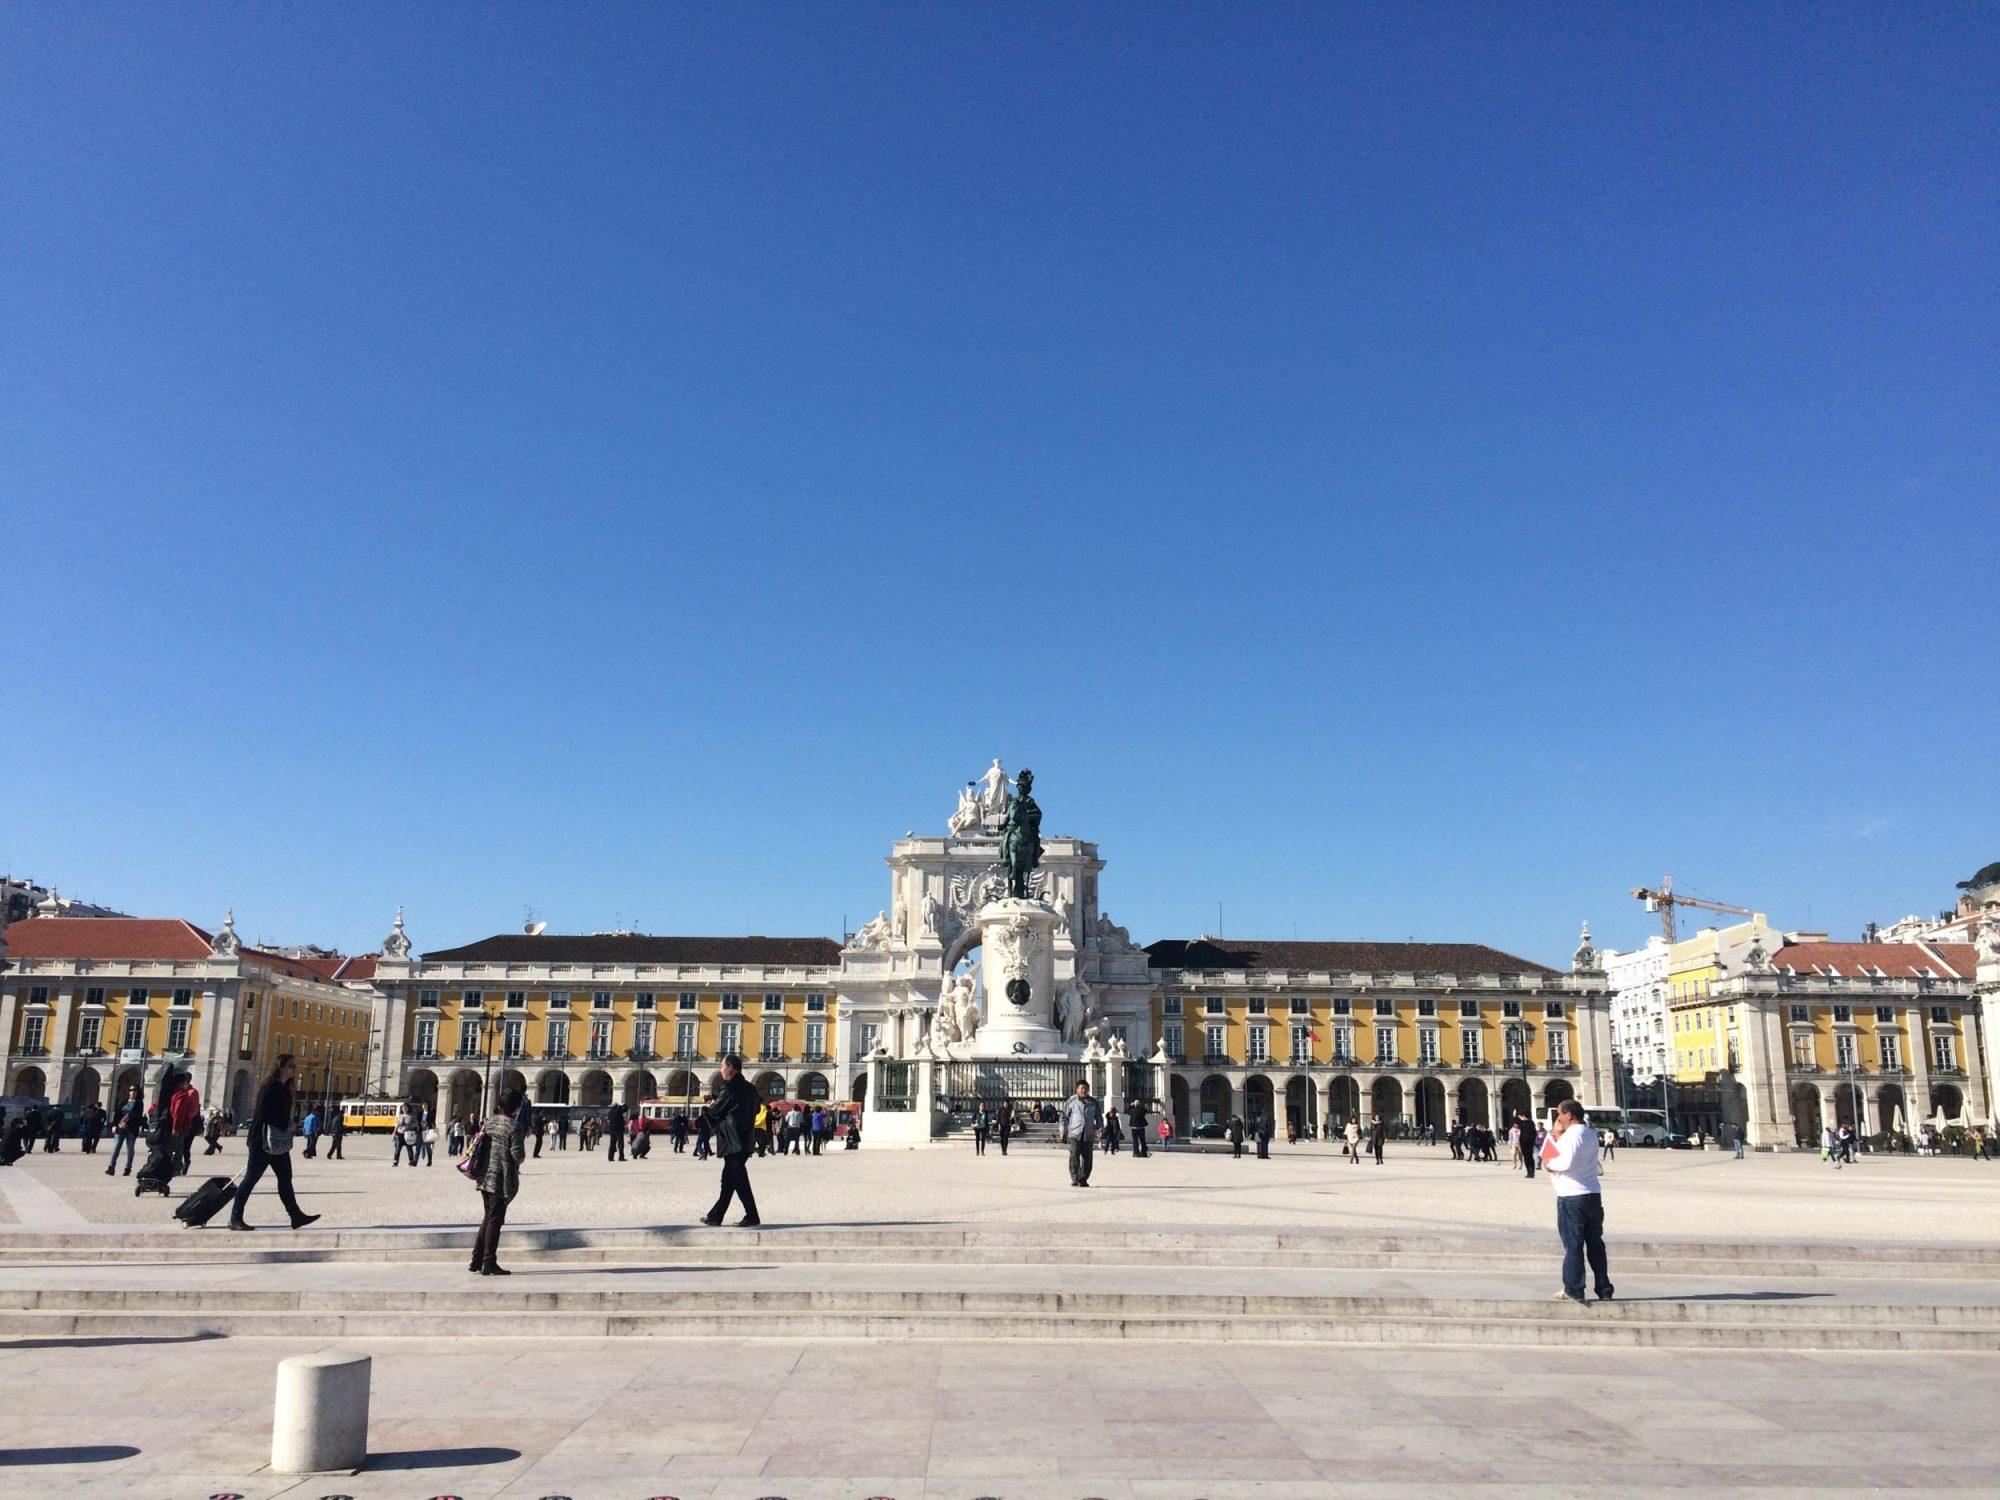 Praca de Comercio Lissabon